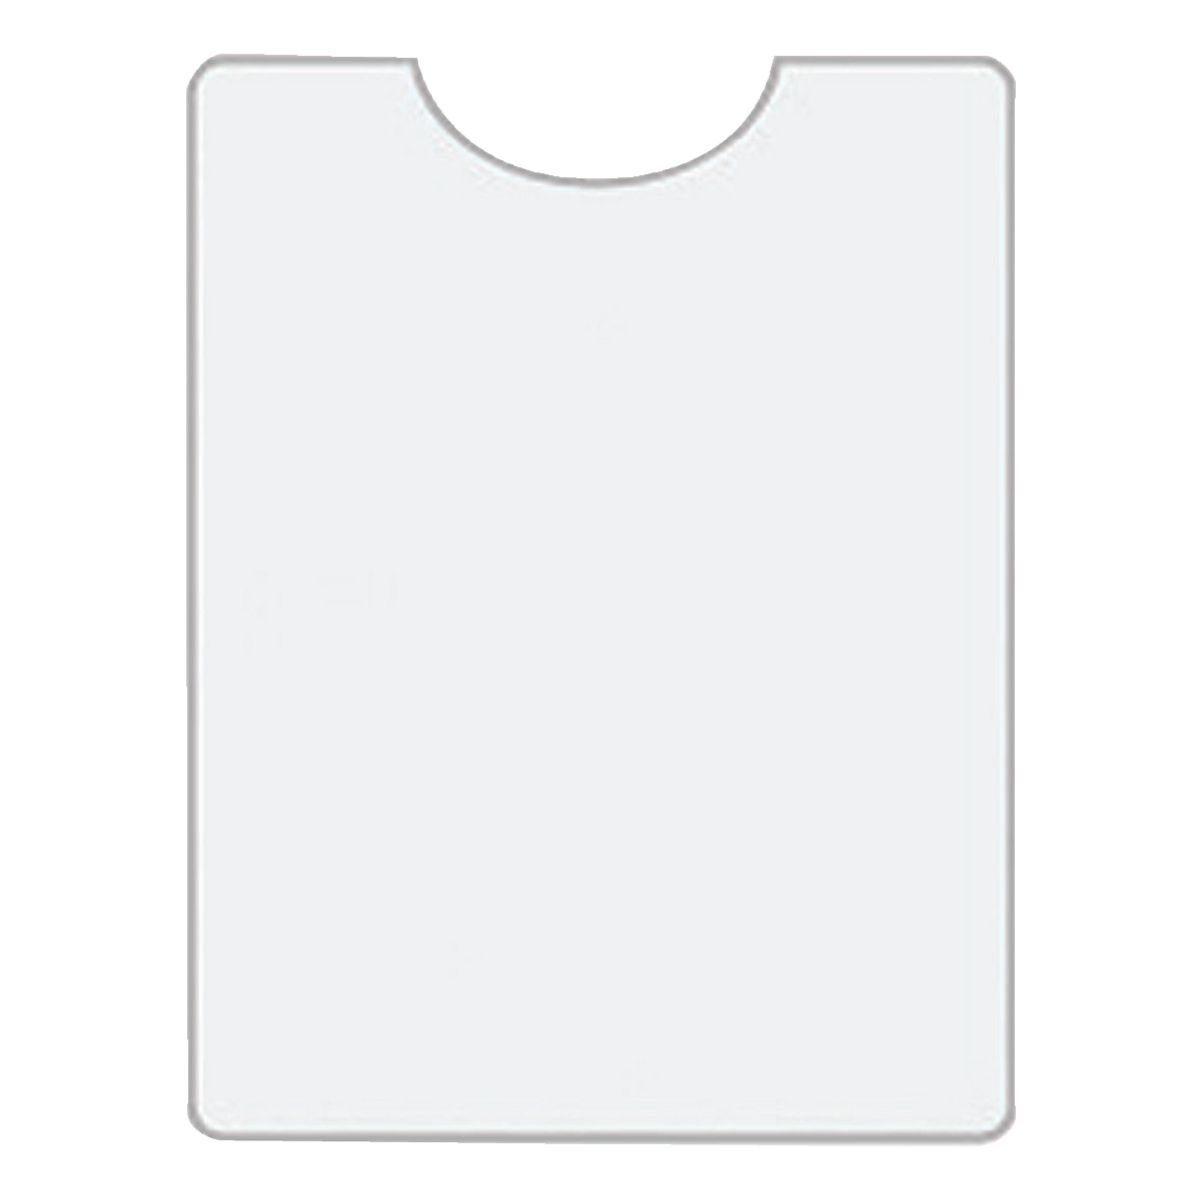 OTTO Office Standard Ausweishüllen